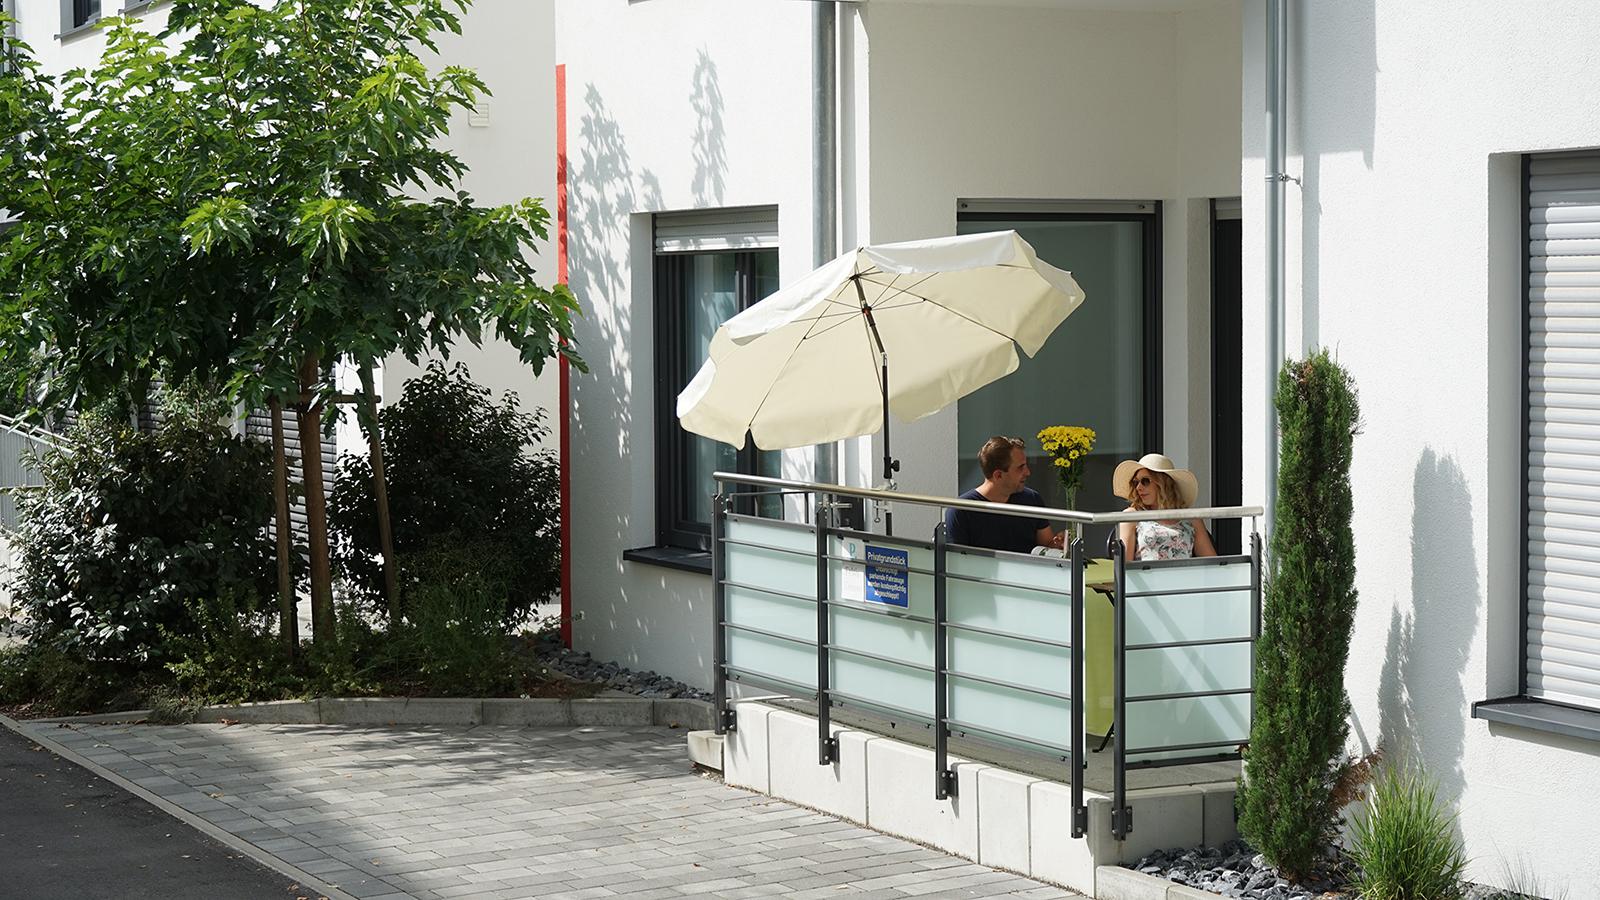 Ferienwohnung am Bodensee: Deluxe - Außenansicht